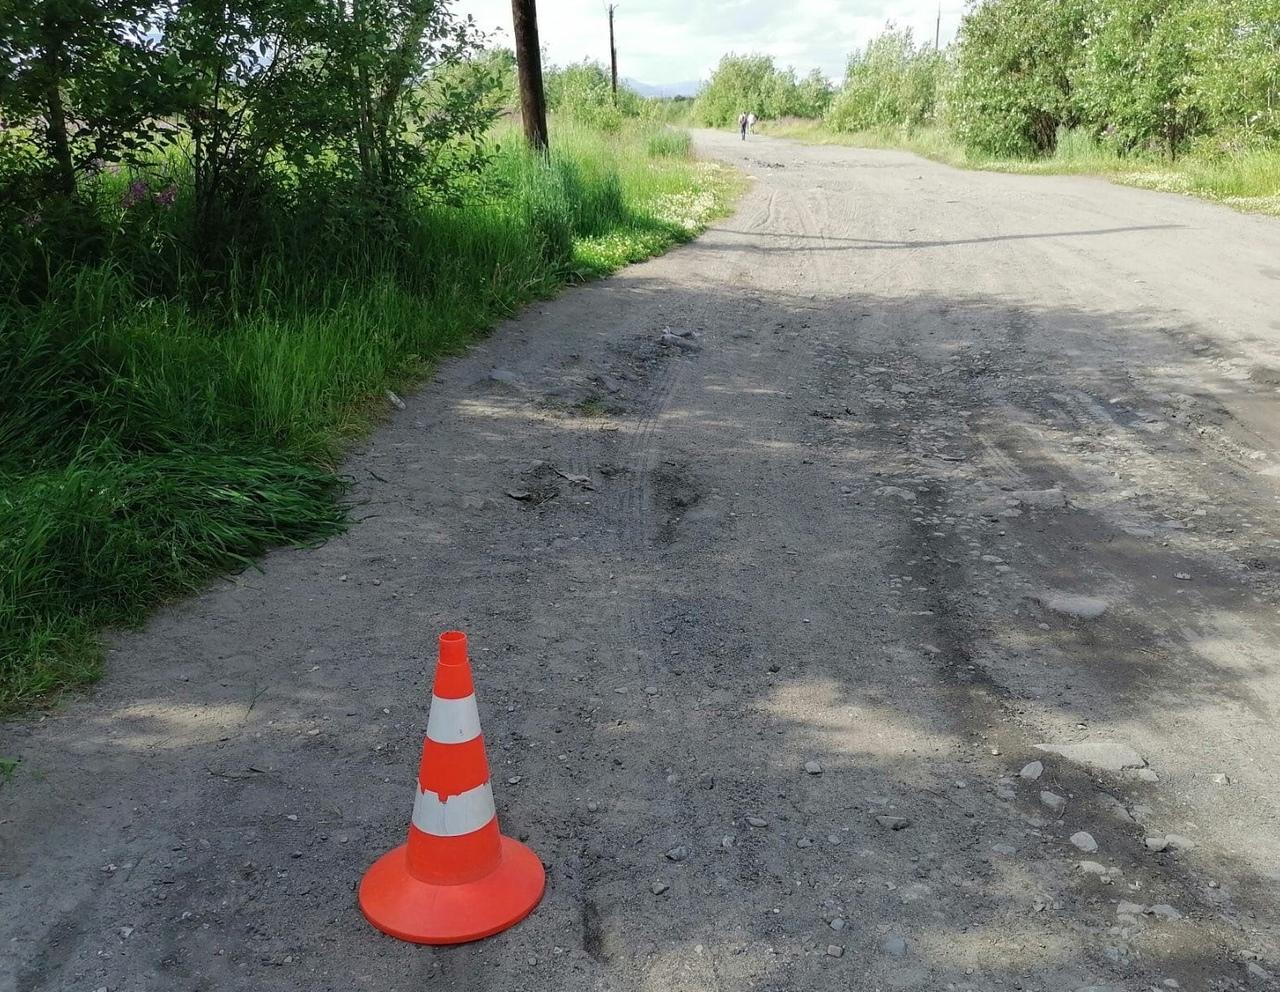 Сотрудники Госавтоинспекции города Мончегорска обращаются к очевидцам происшествия